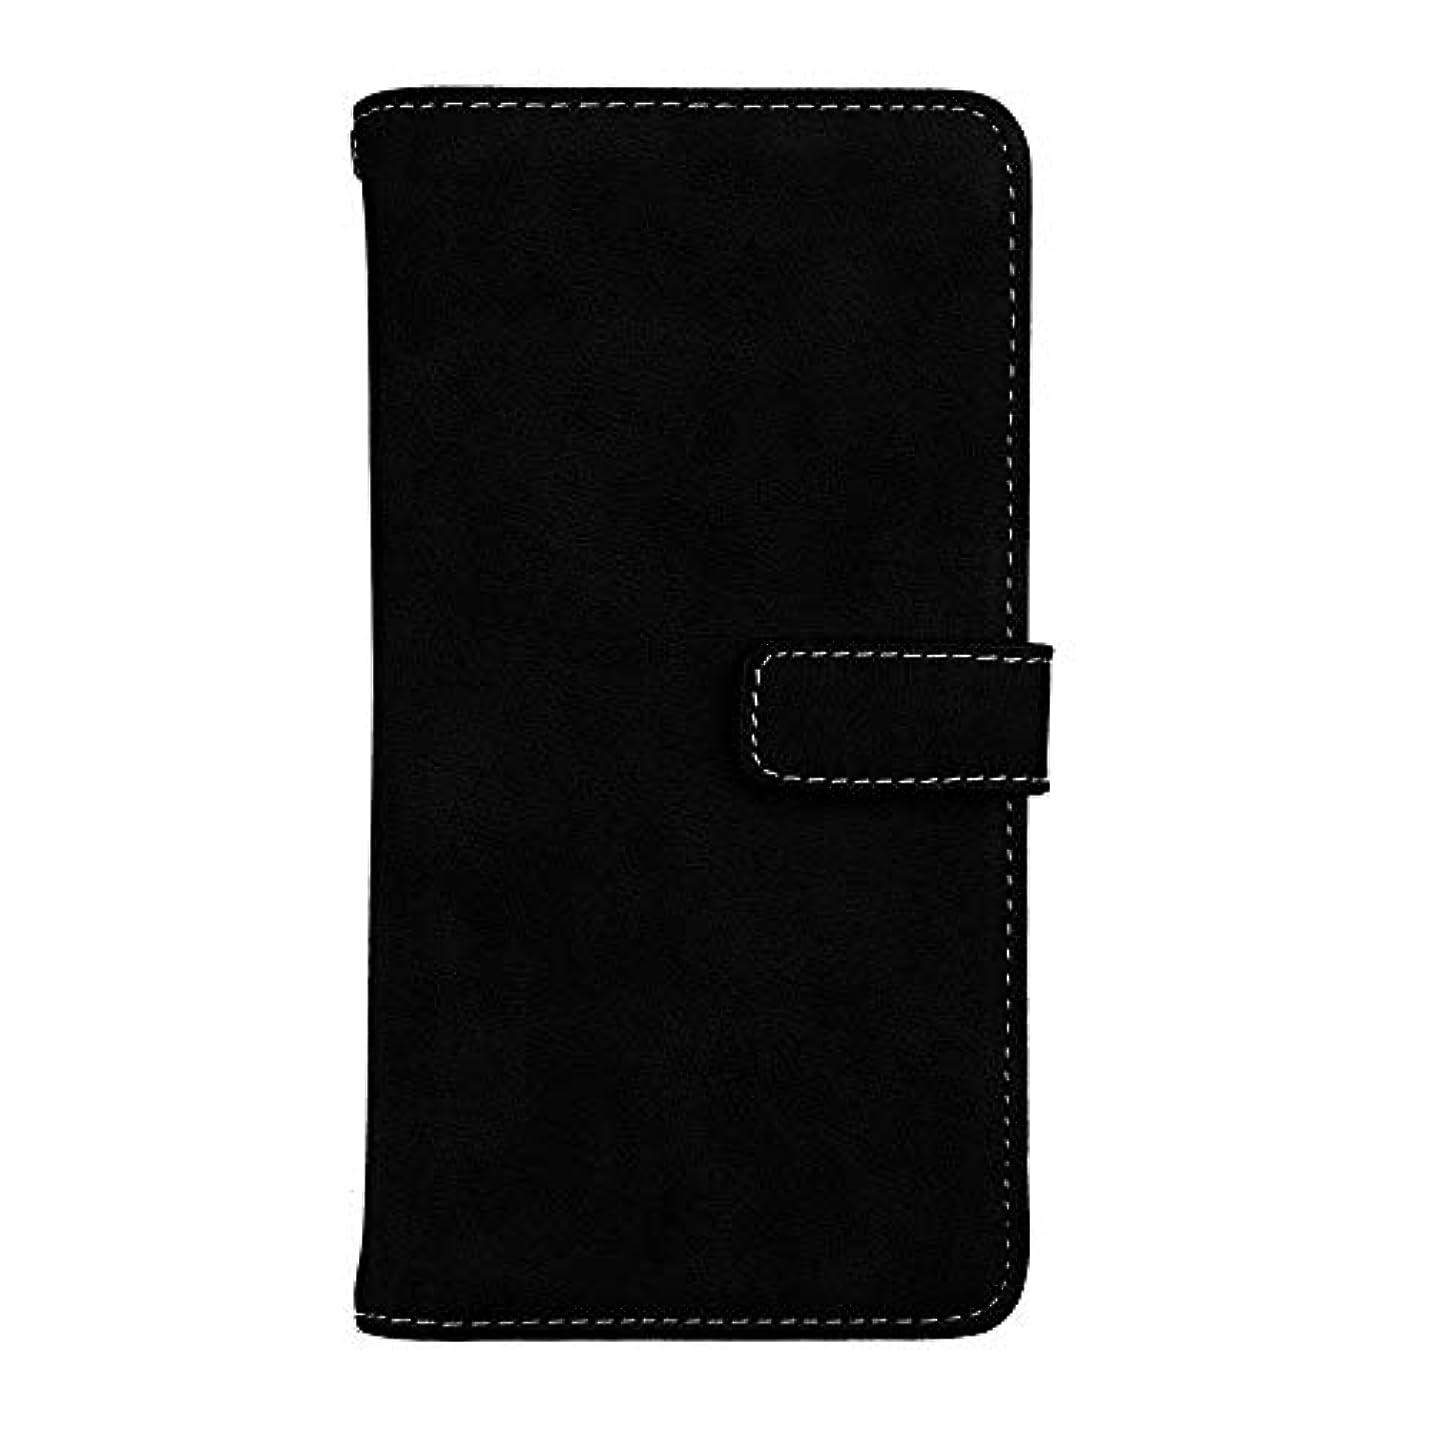 持つ努力する放棄Xiaomi Redmi Note 5 高品質 マグネット ケース, CUNUS 携帯電話 ケース 軽量 柔軟 高品質 耐摩擦 カード収納 カバー Xiaomi Redmi Note 5 用, ブラック